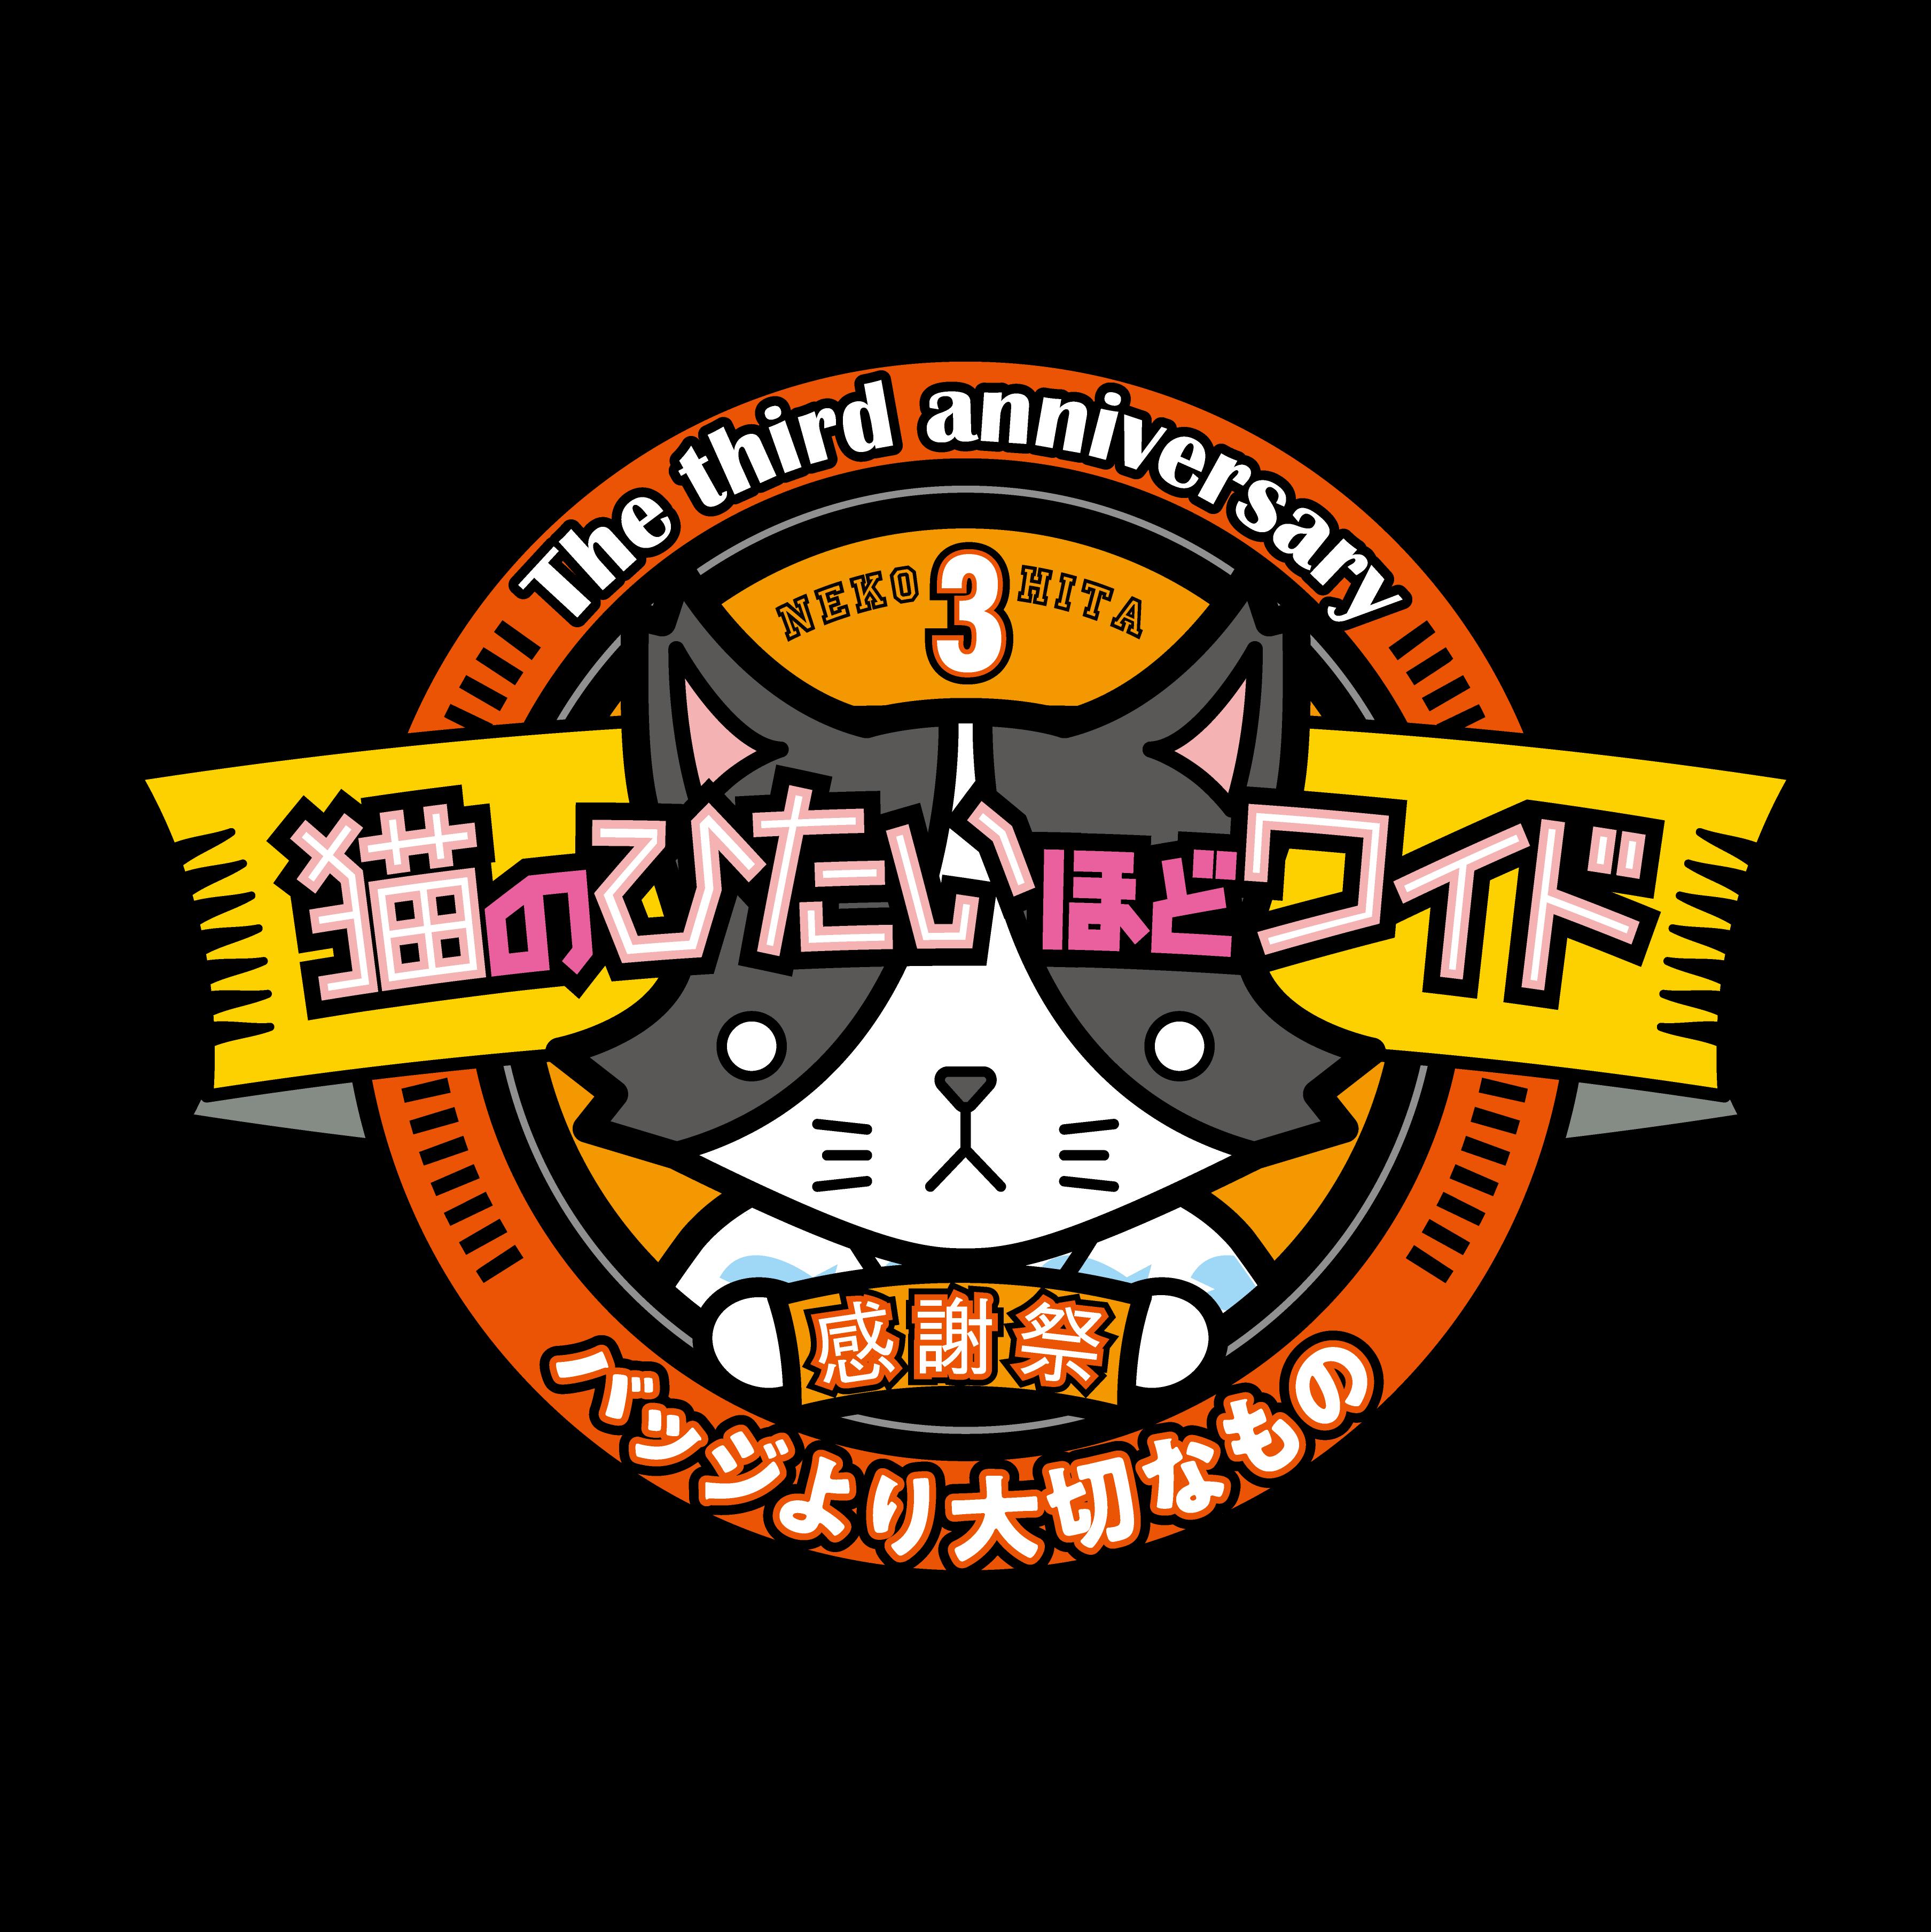 猫のひたいほどワイド 祝3周年感謝祭 〜バッジより大切なもの〜(土曜18時30分)